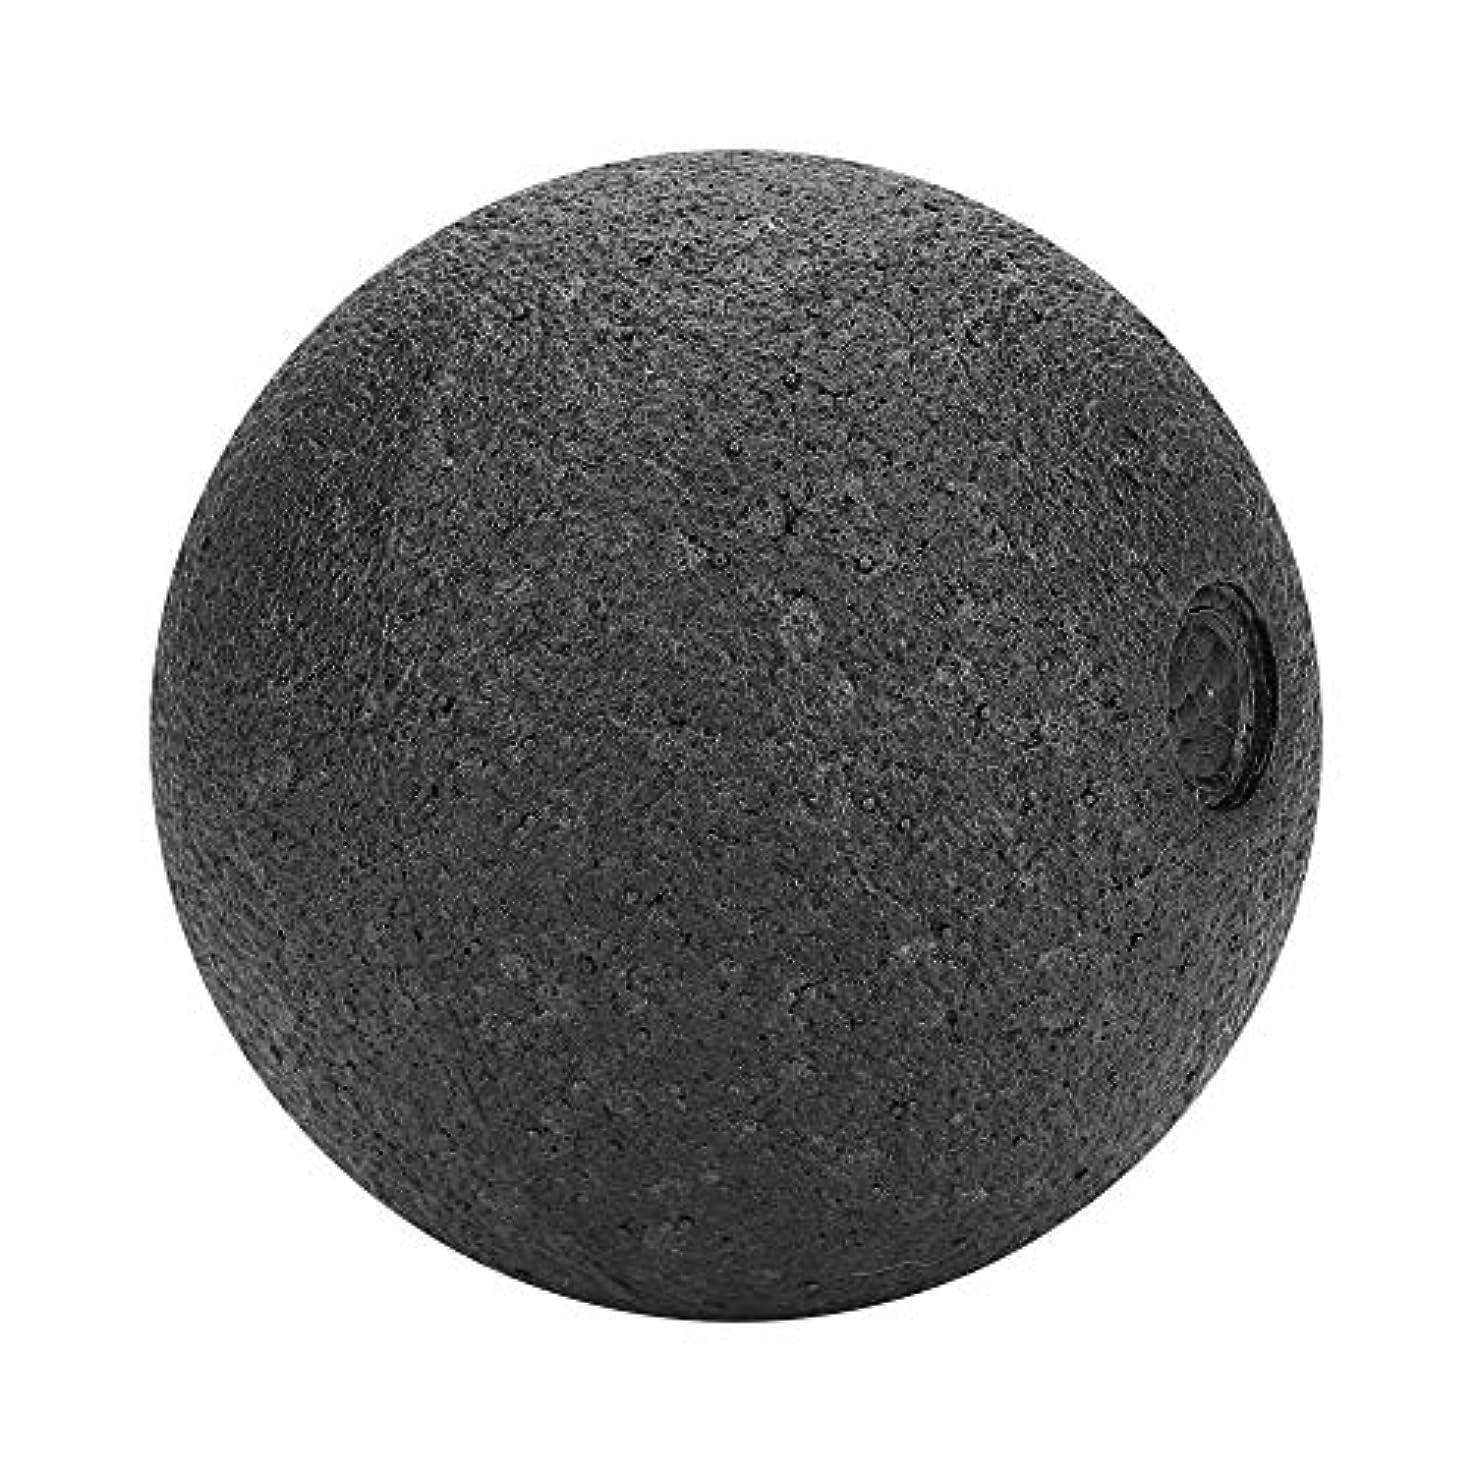 石油あごひげ緊張するマッサージボール ストレッチボール トリガーポイント マッサージボール 指圧ボールマッスルマッサージボール、首 腰 背中 肩こり 足裏 ツボ押しグッズ 疲労回復 むくみ解消